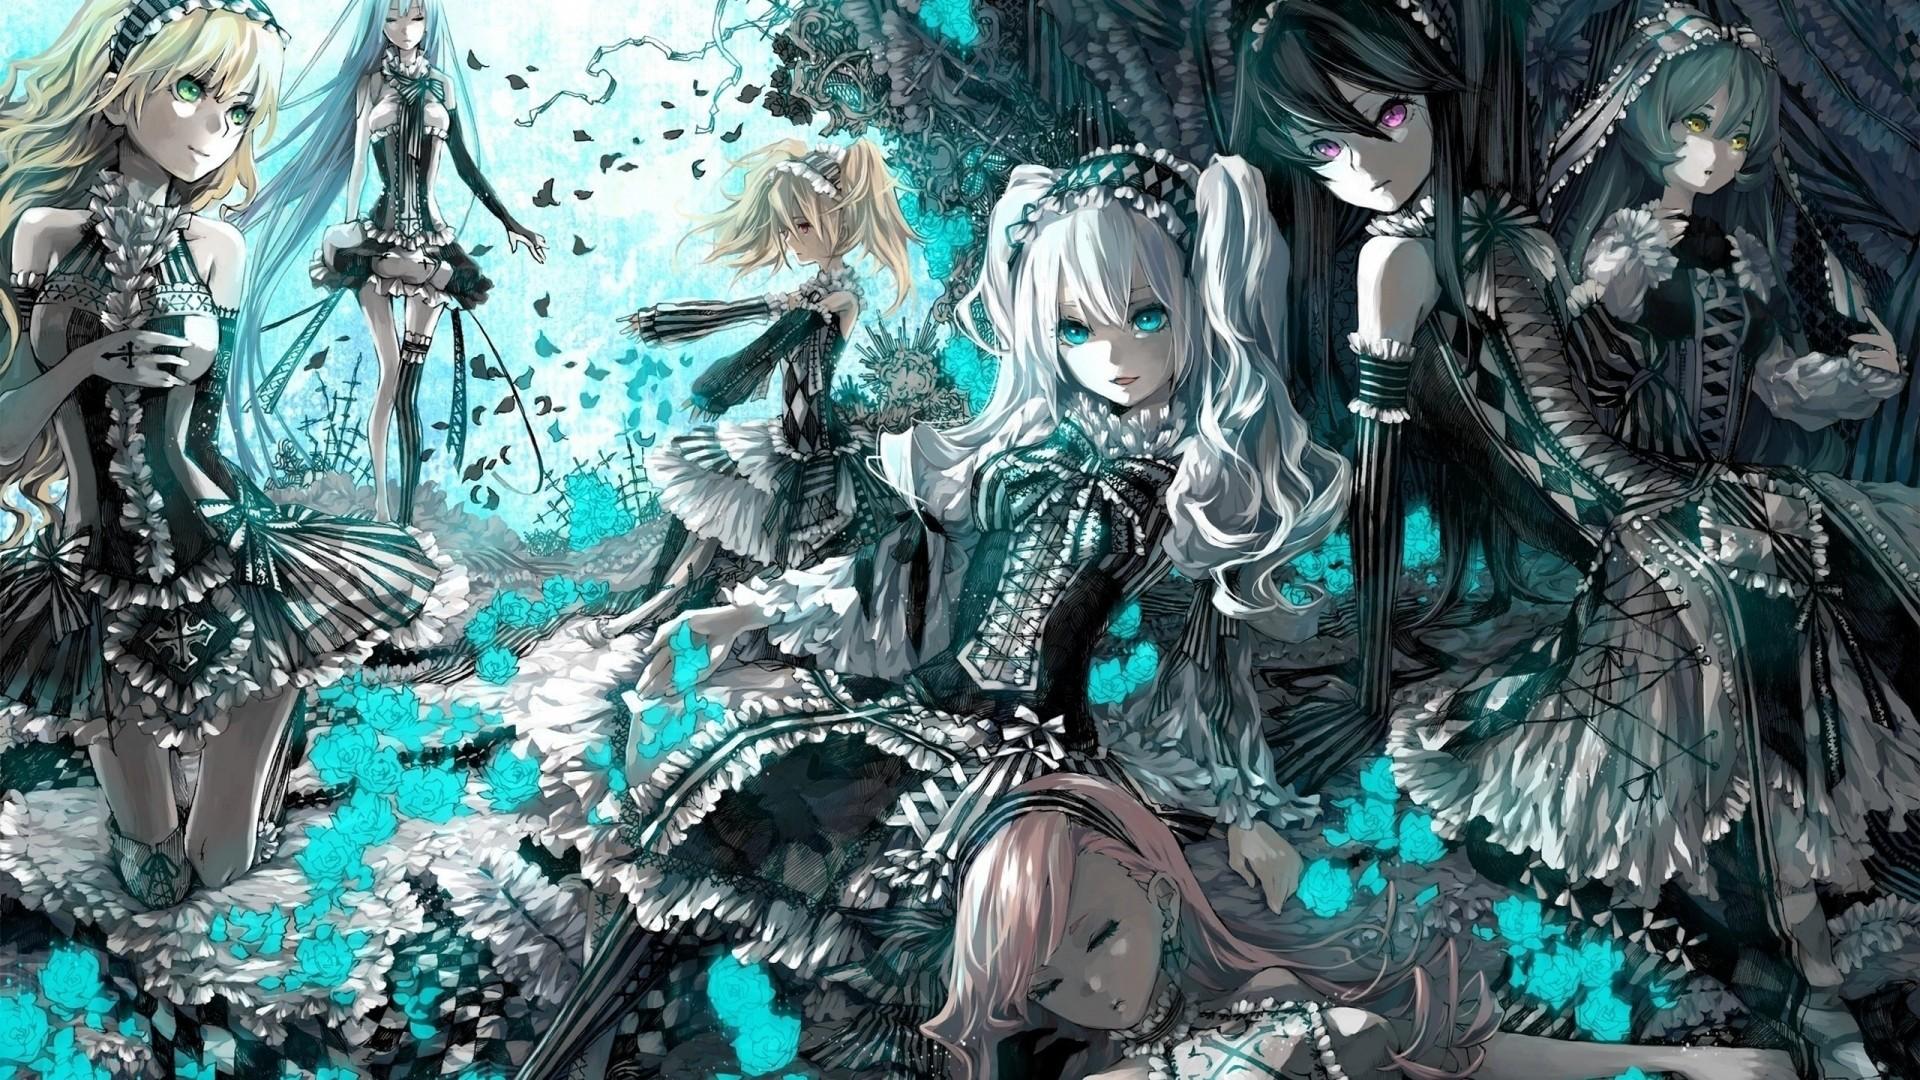 Anime Fanart Desktop Wallpaper